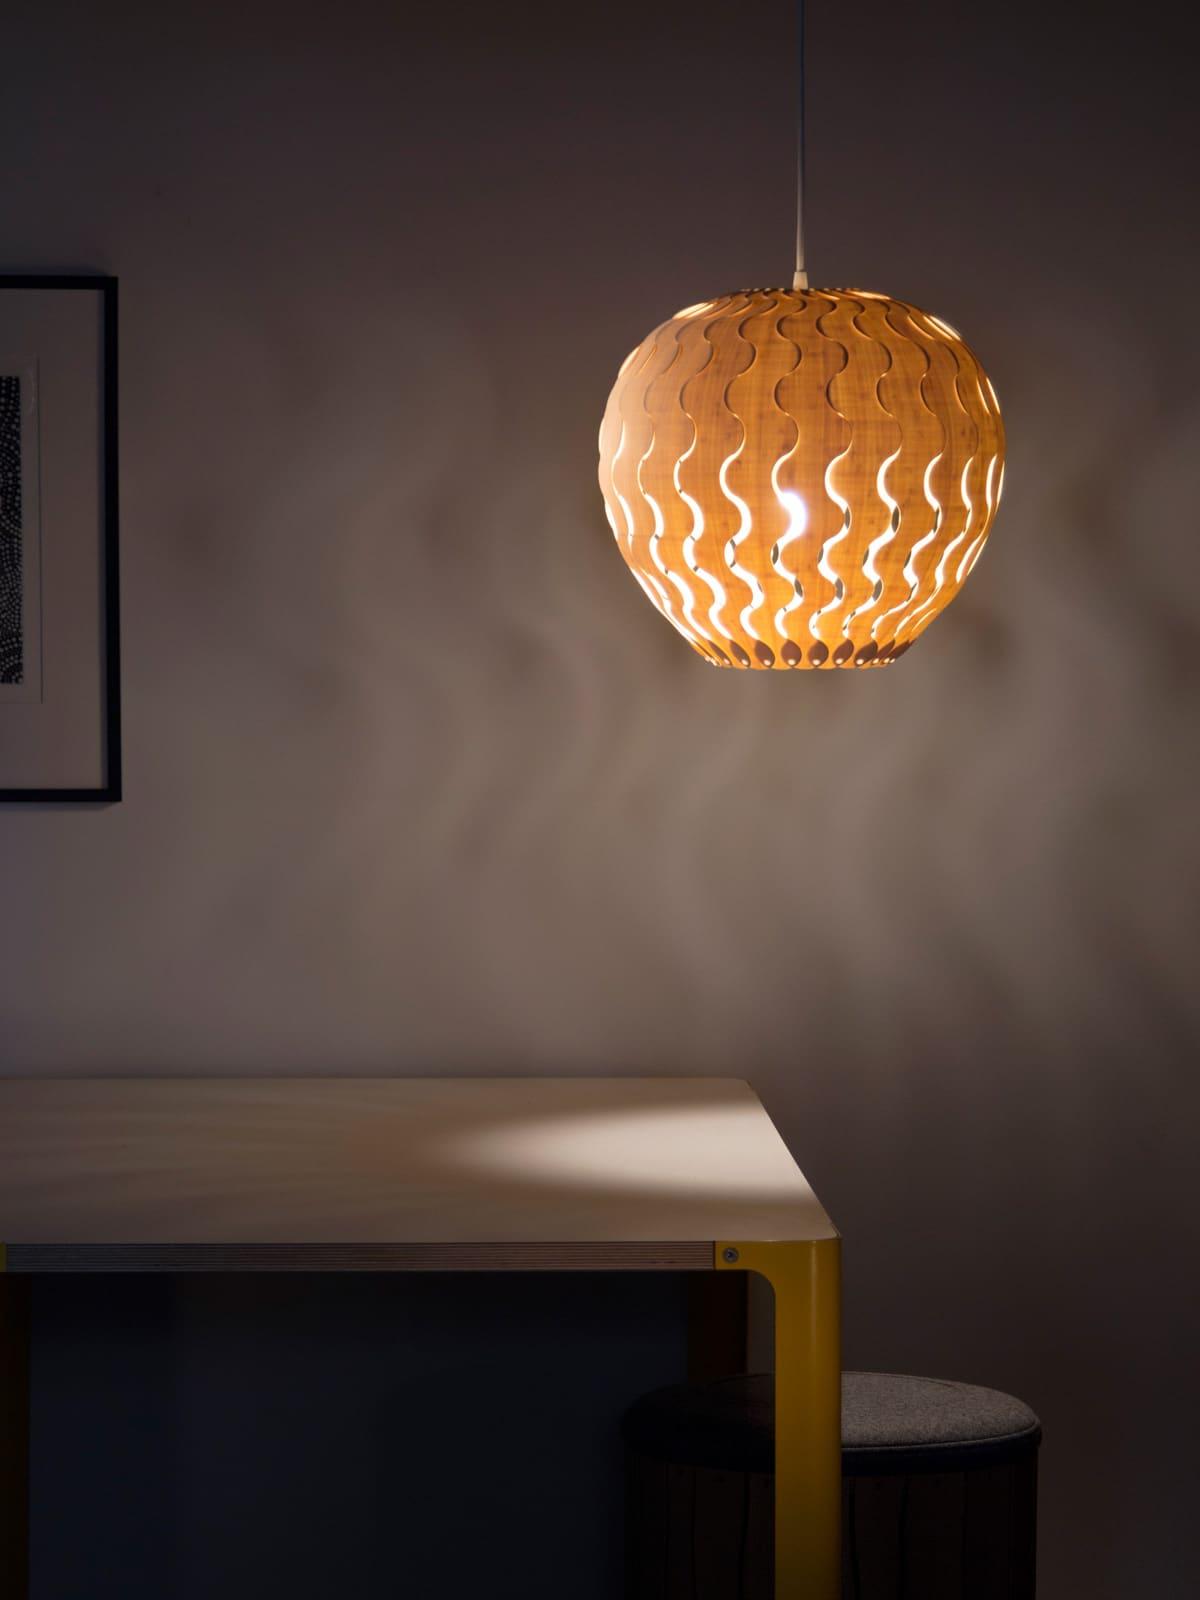 DesignORt Blog: Bell glockenförmige Designerleuchten Belle von David Trubridge